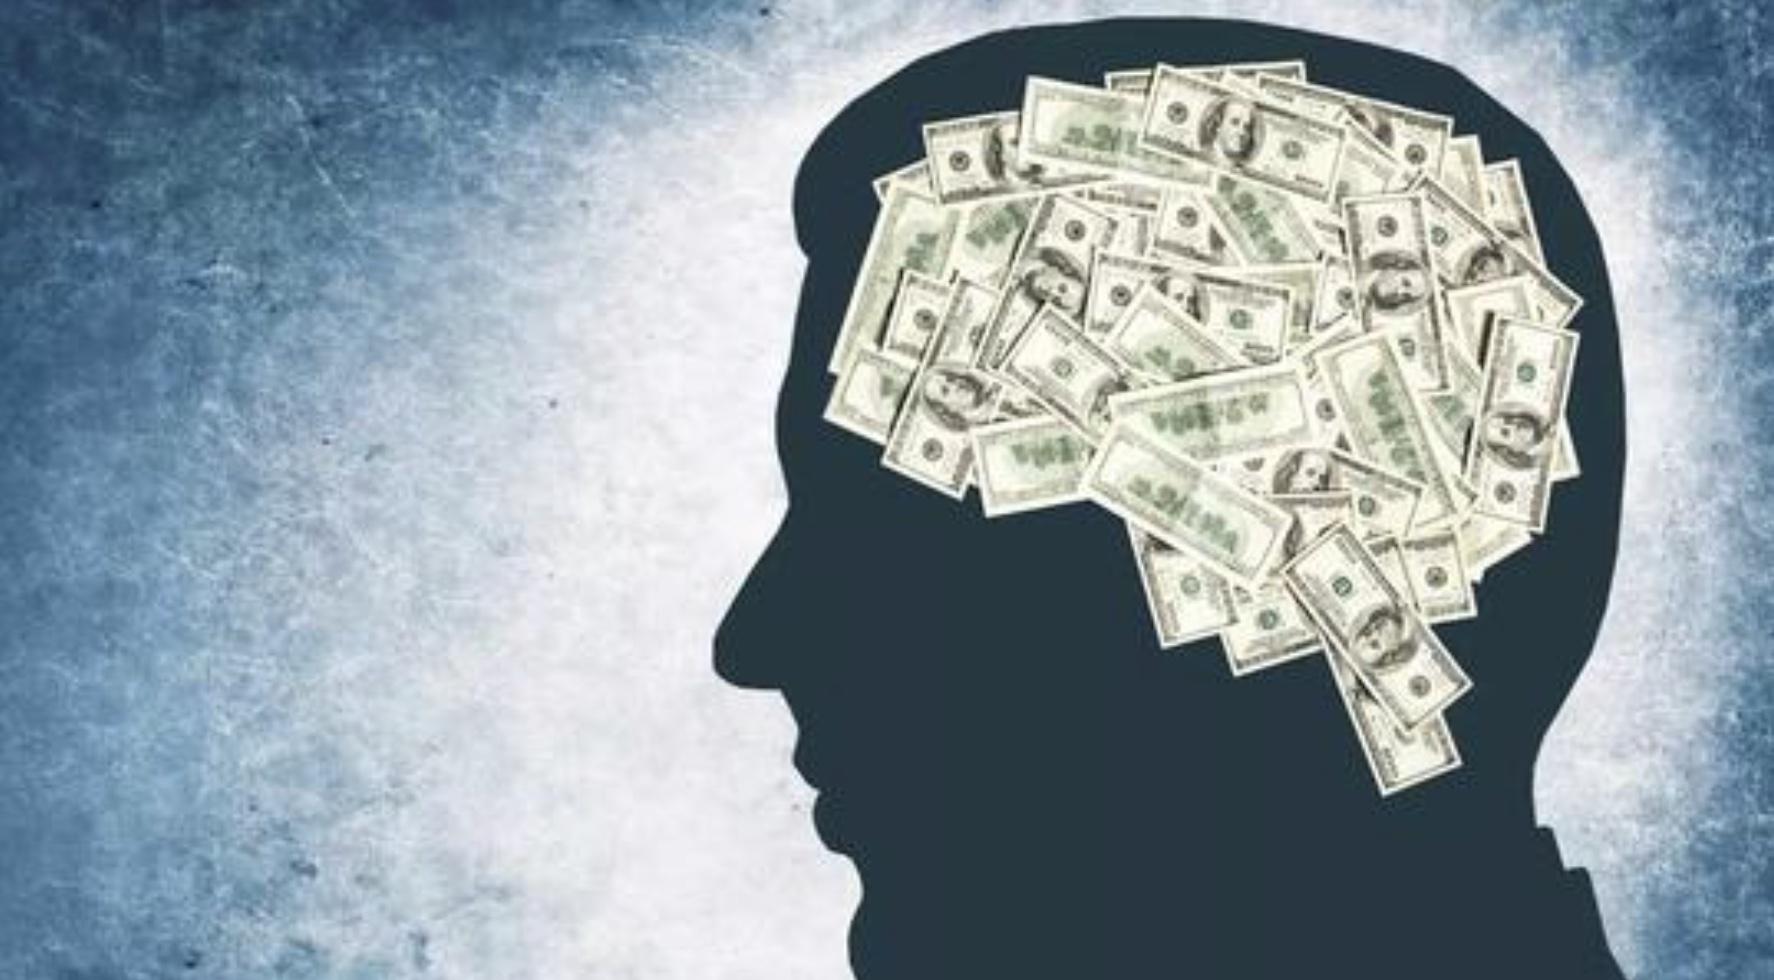 知识付费网课高端玩法,简单维护年入20万